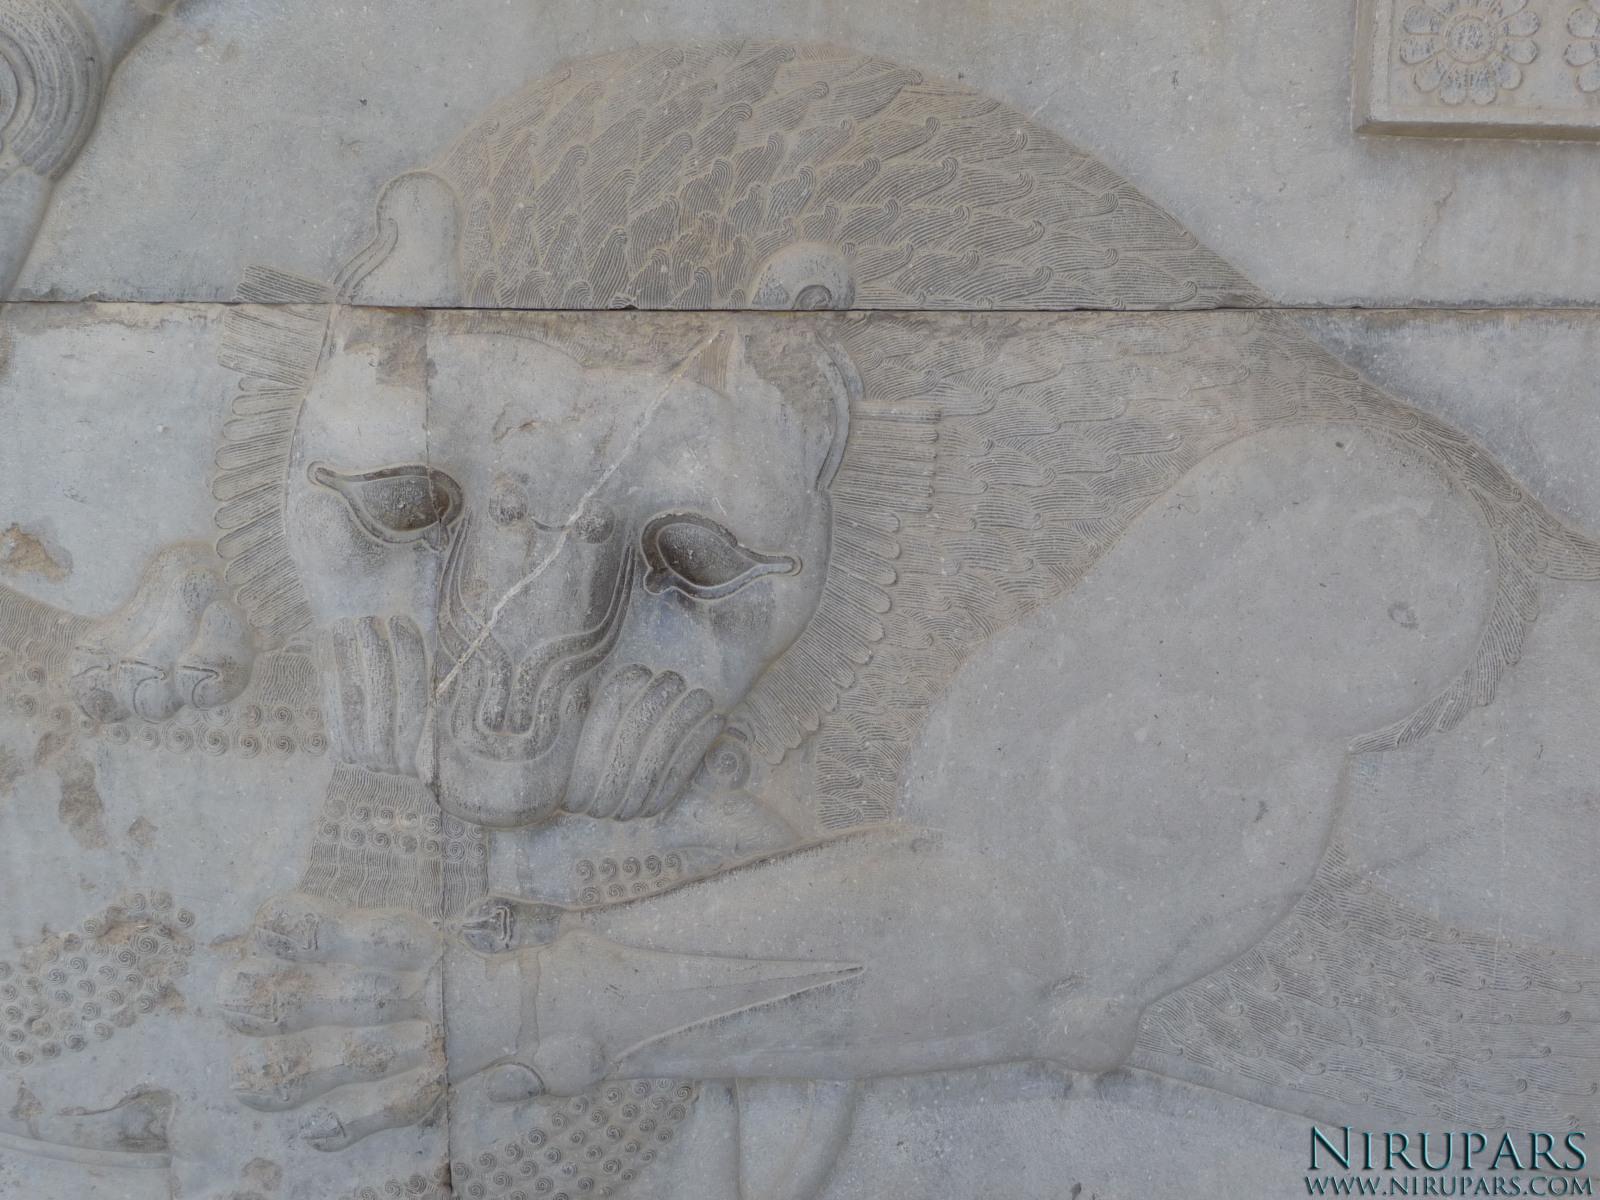 Persepolis - Council Hall Tripylon - North Portico - Lion Relief